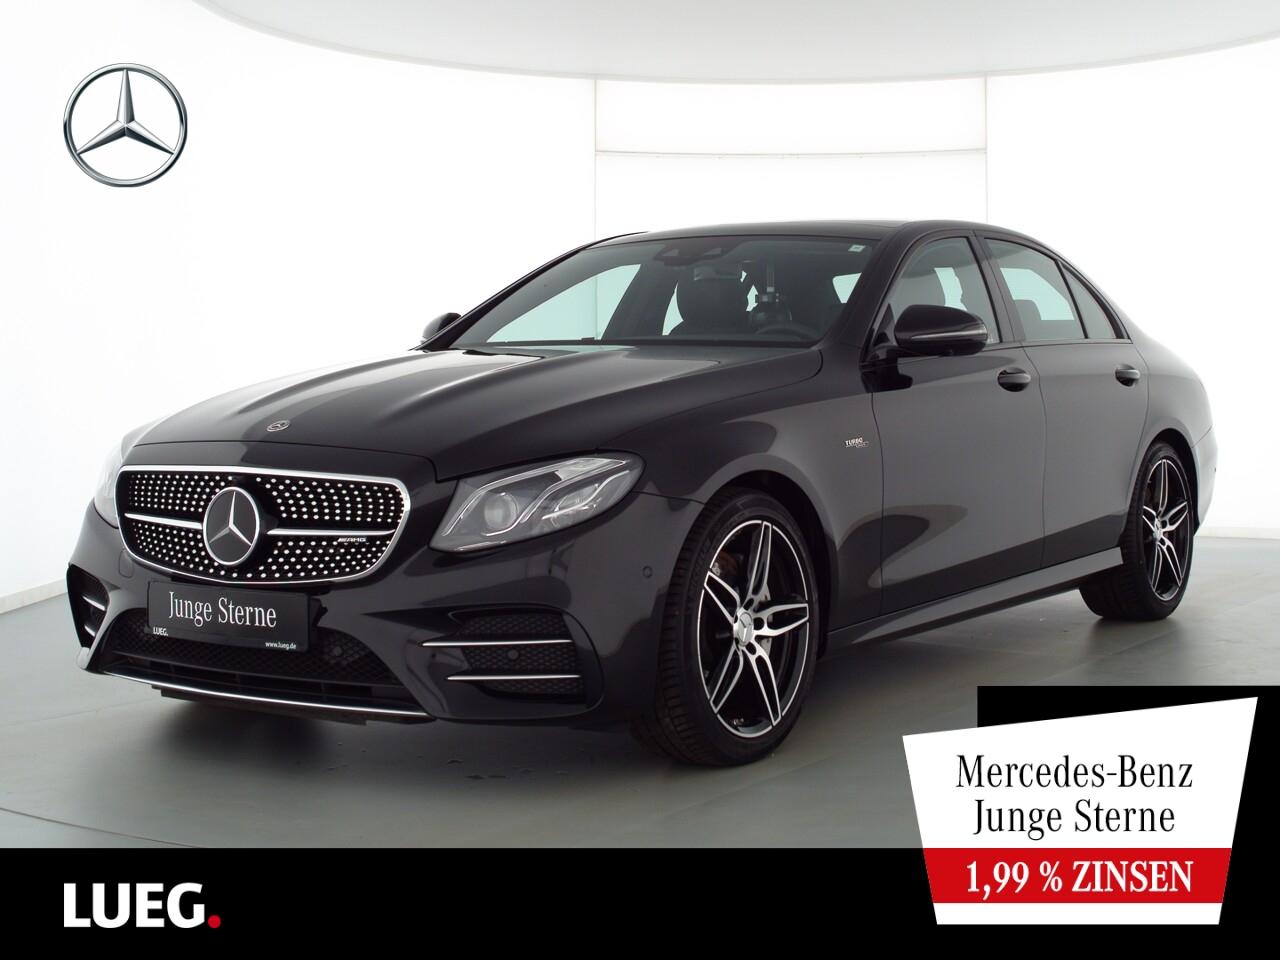 Mercedes-Benz E 53 AMG 4M+ COM+Pano+Mbeam+Widesc+DistrPlus+360, Jahr 2020, Benzin